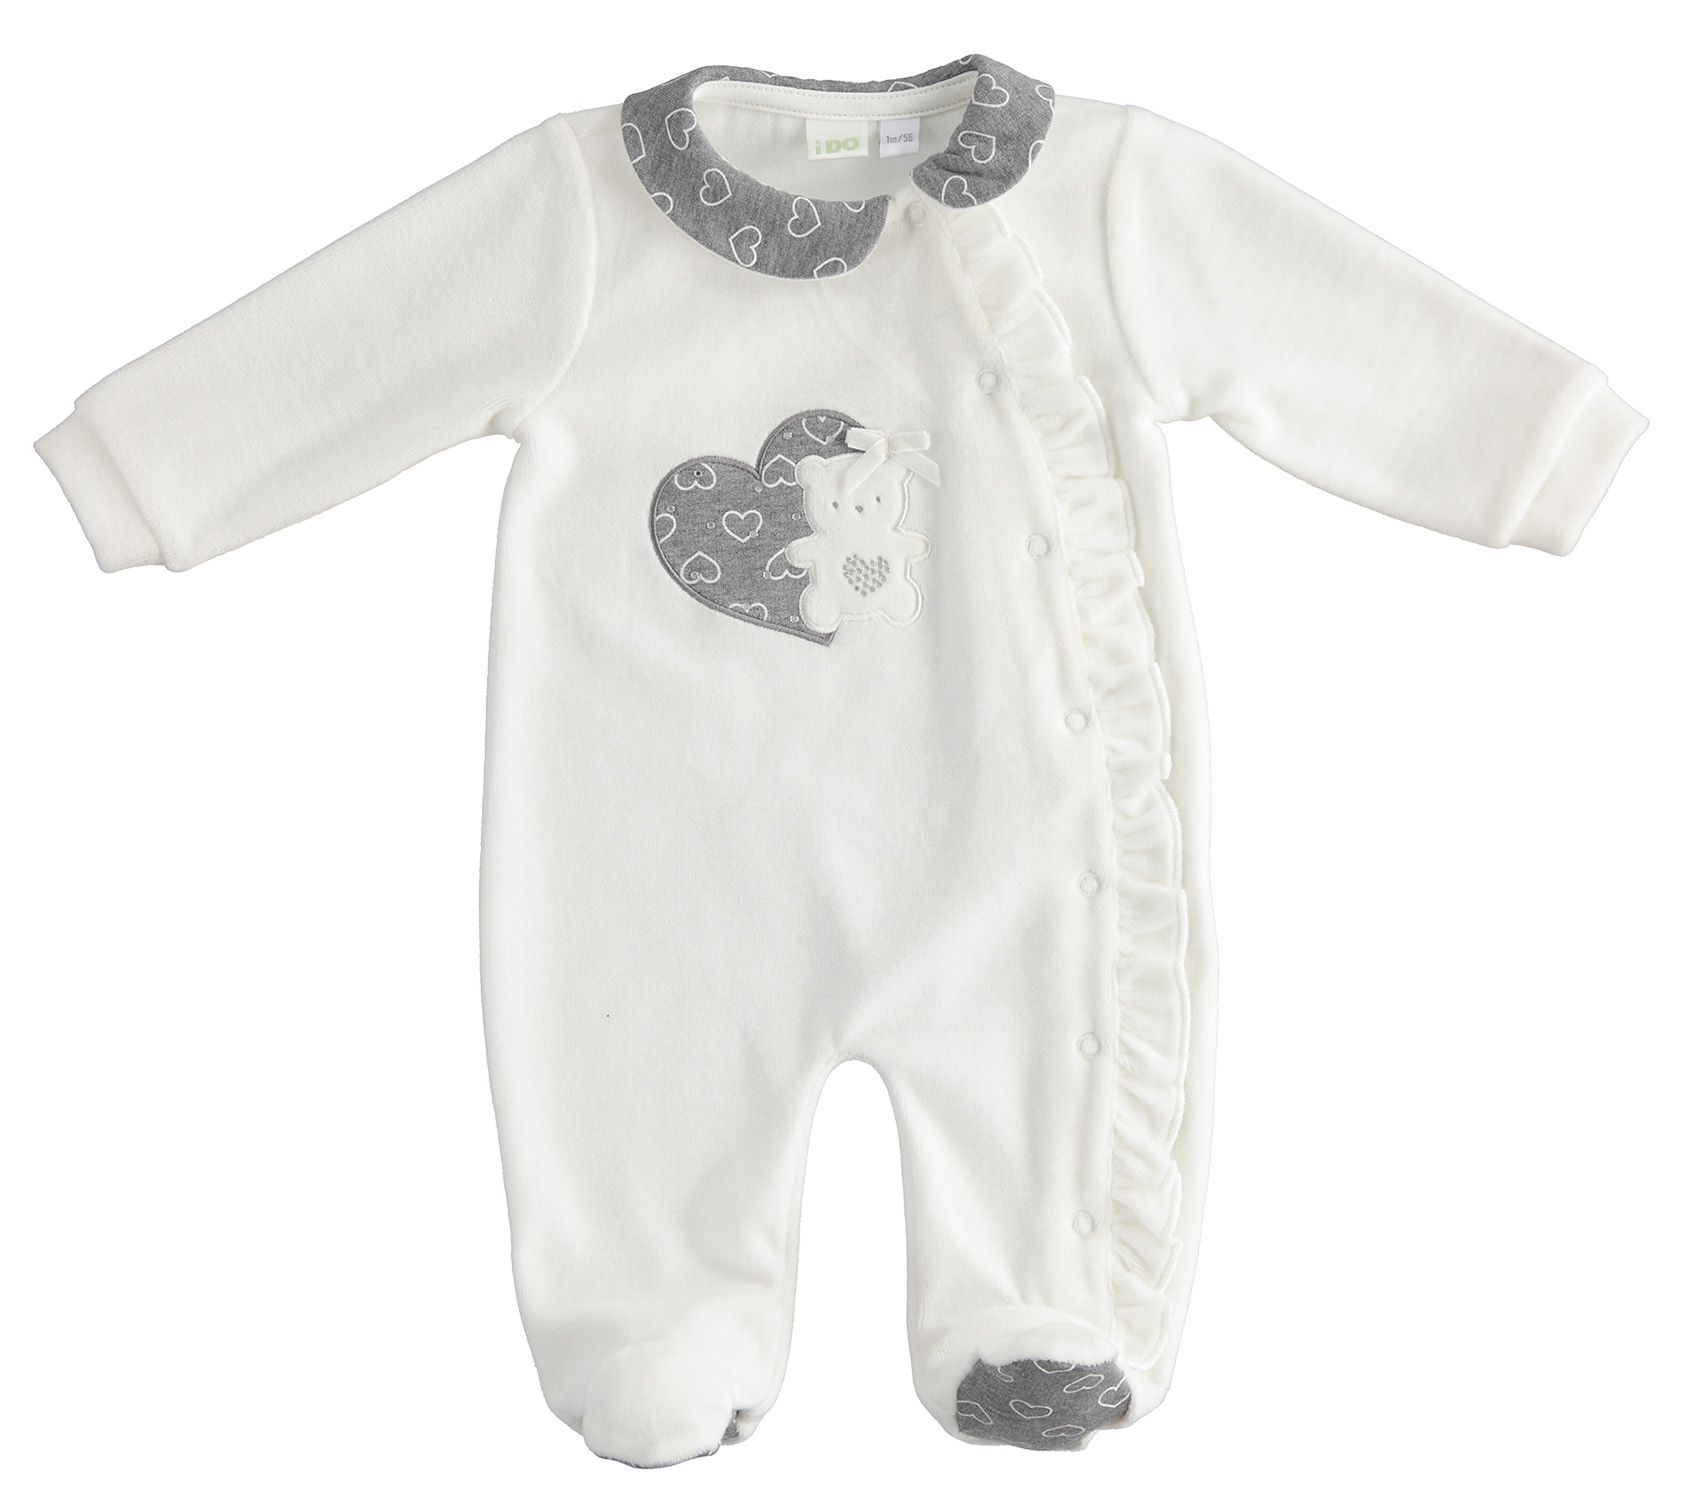 Szürke-fehér kislány újszülött rugdalózó